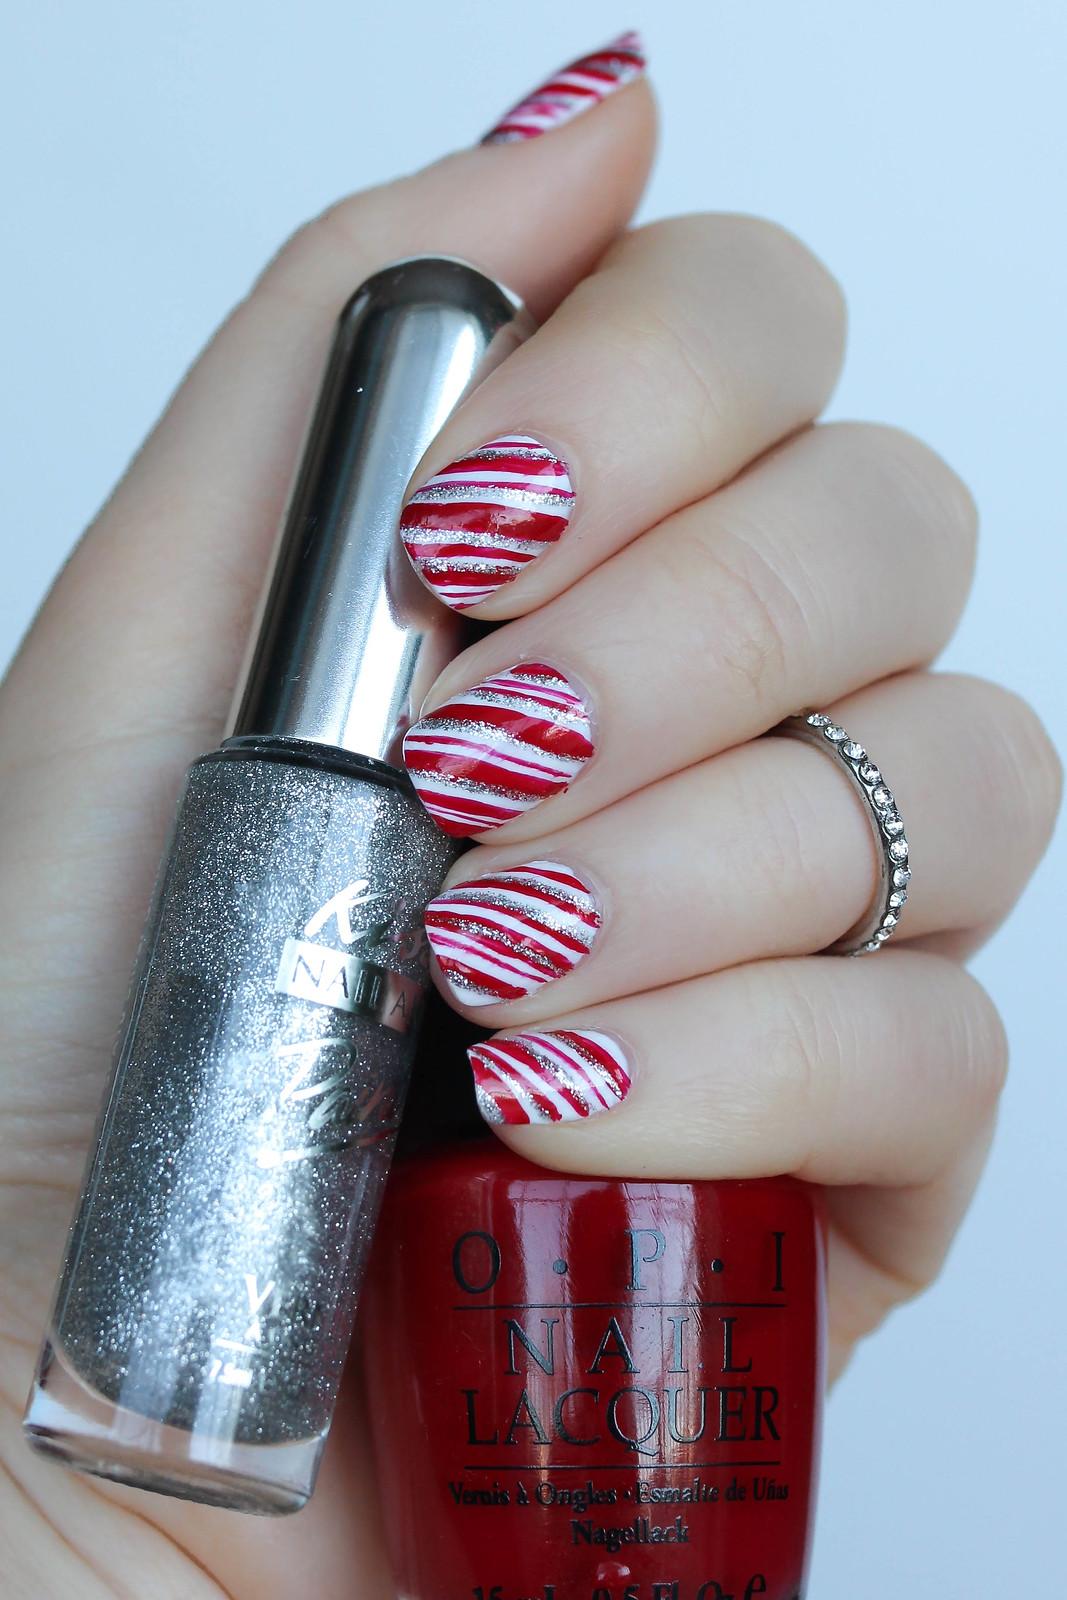 Candy Cane Nail Art Kiss Nail Art Silver Glitter Polish OPI Red Nail Lacquer